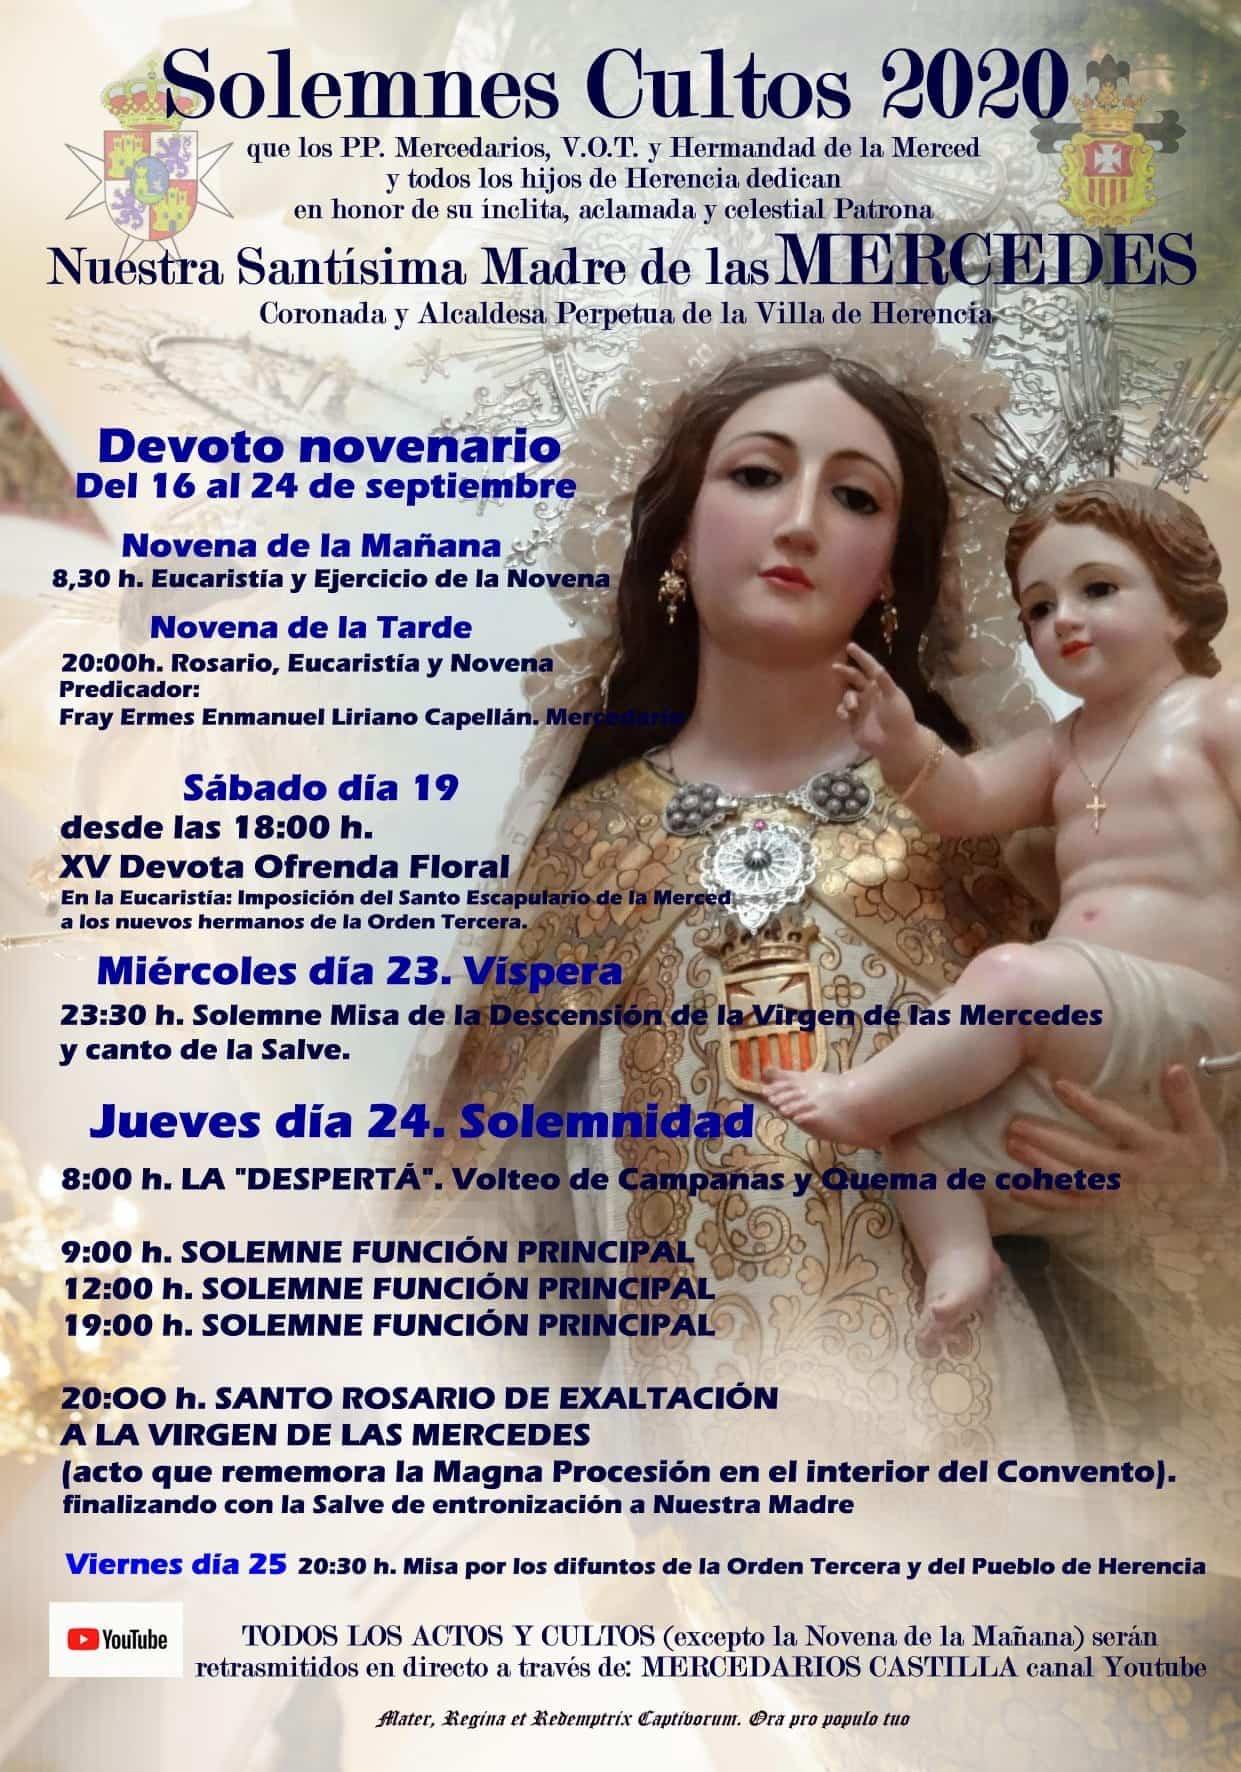 Las fiestas de La Merced de Herencia solo mantiene sus actos religiosos 3